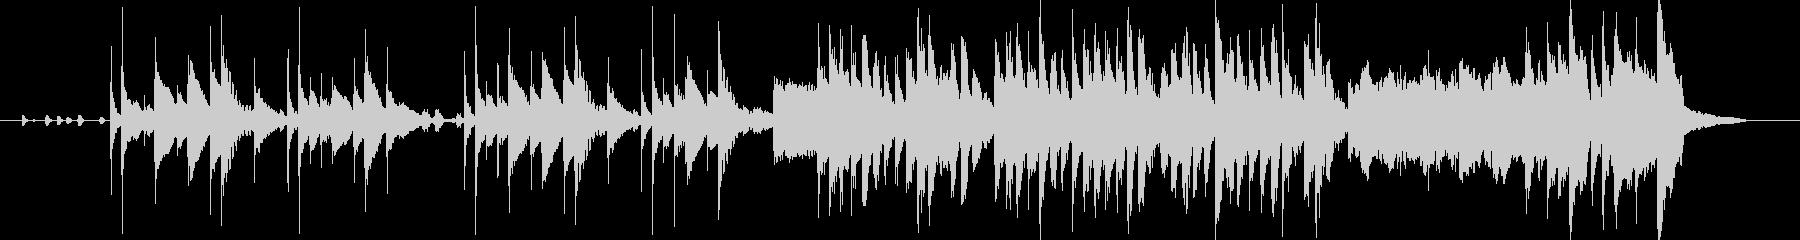 打楽器と電子音の民俗風ジングルの未再生の波形